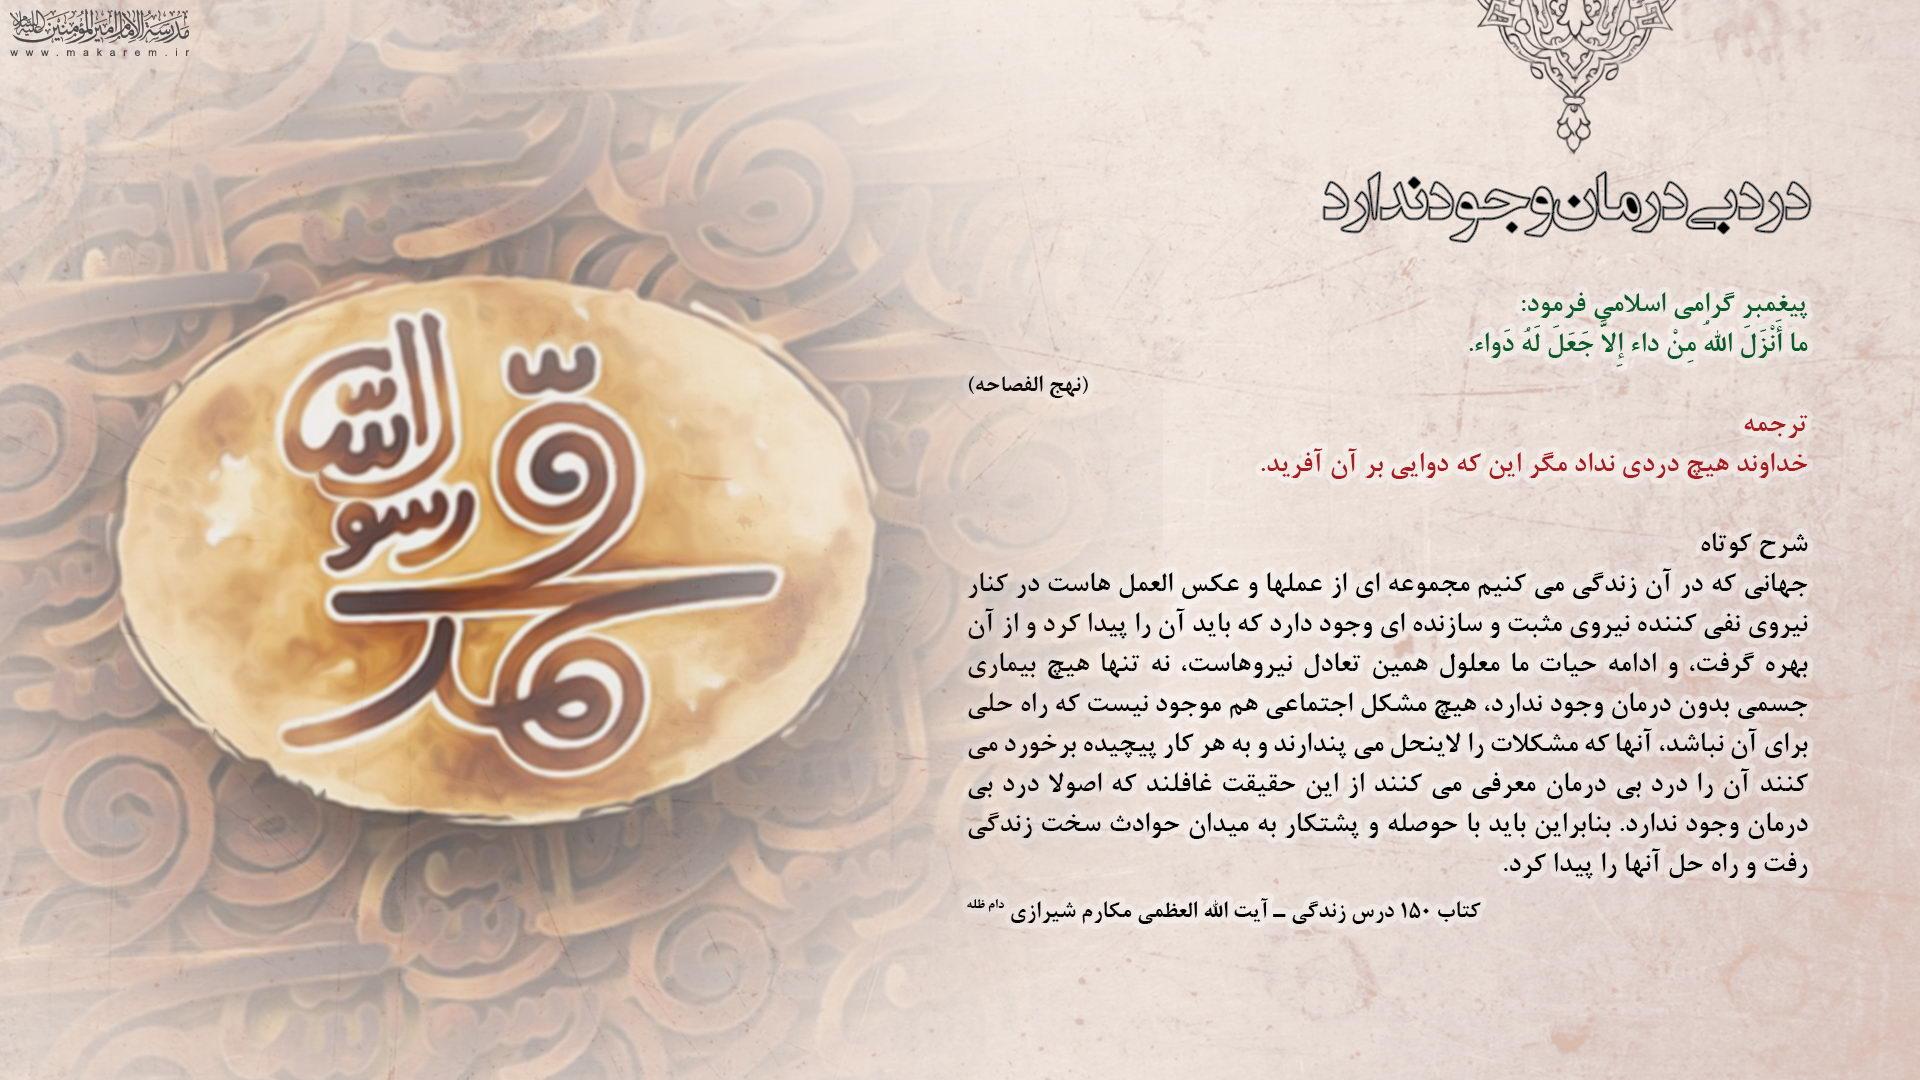 درد بی درمان وجود ندارد-مدرسه الامام امیر المومنین (ع)